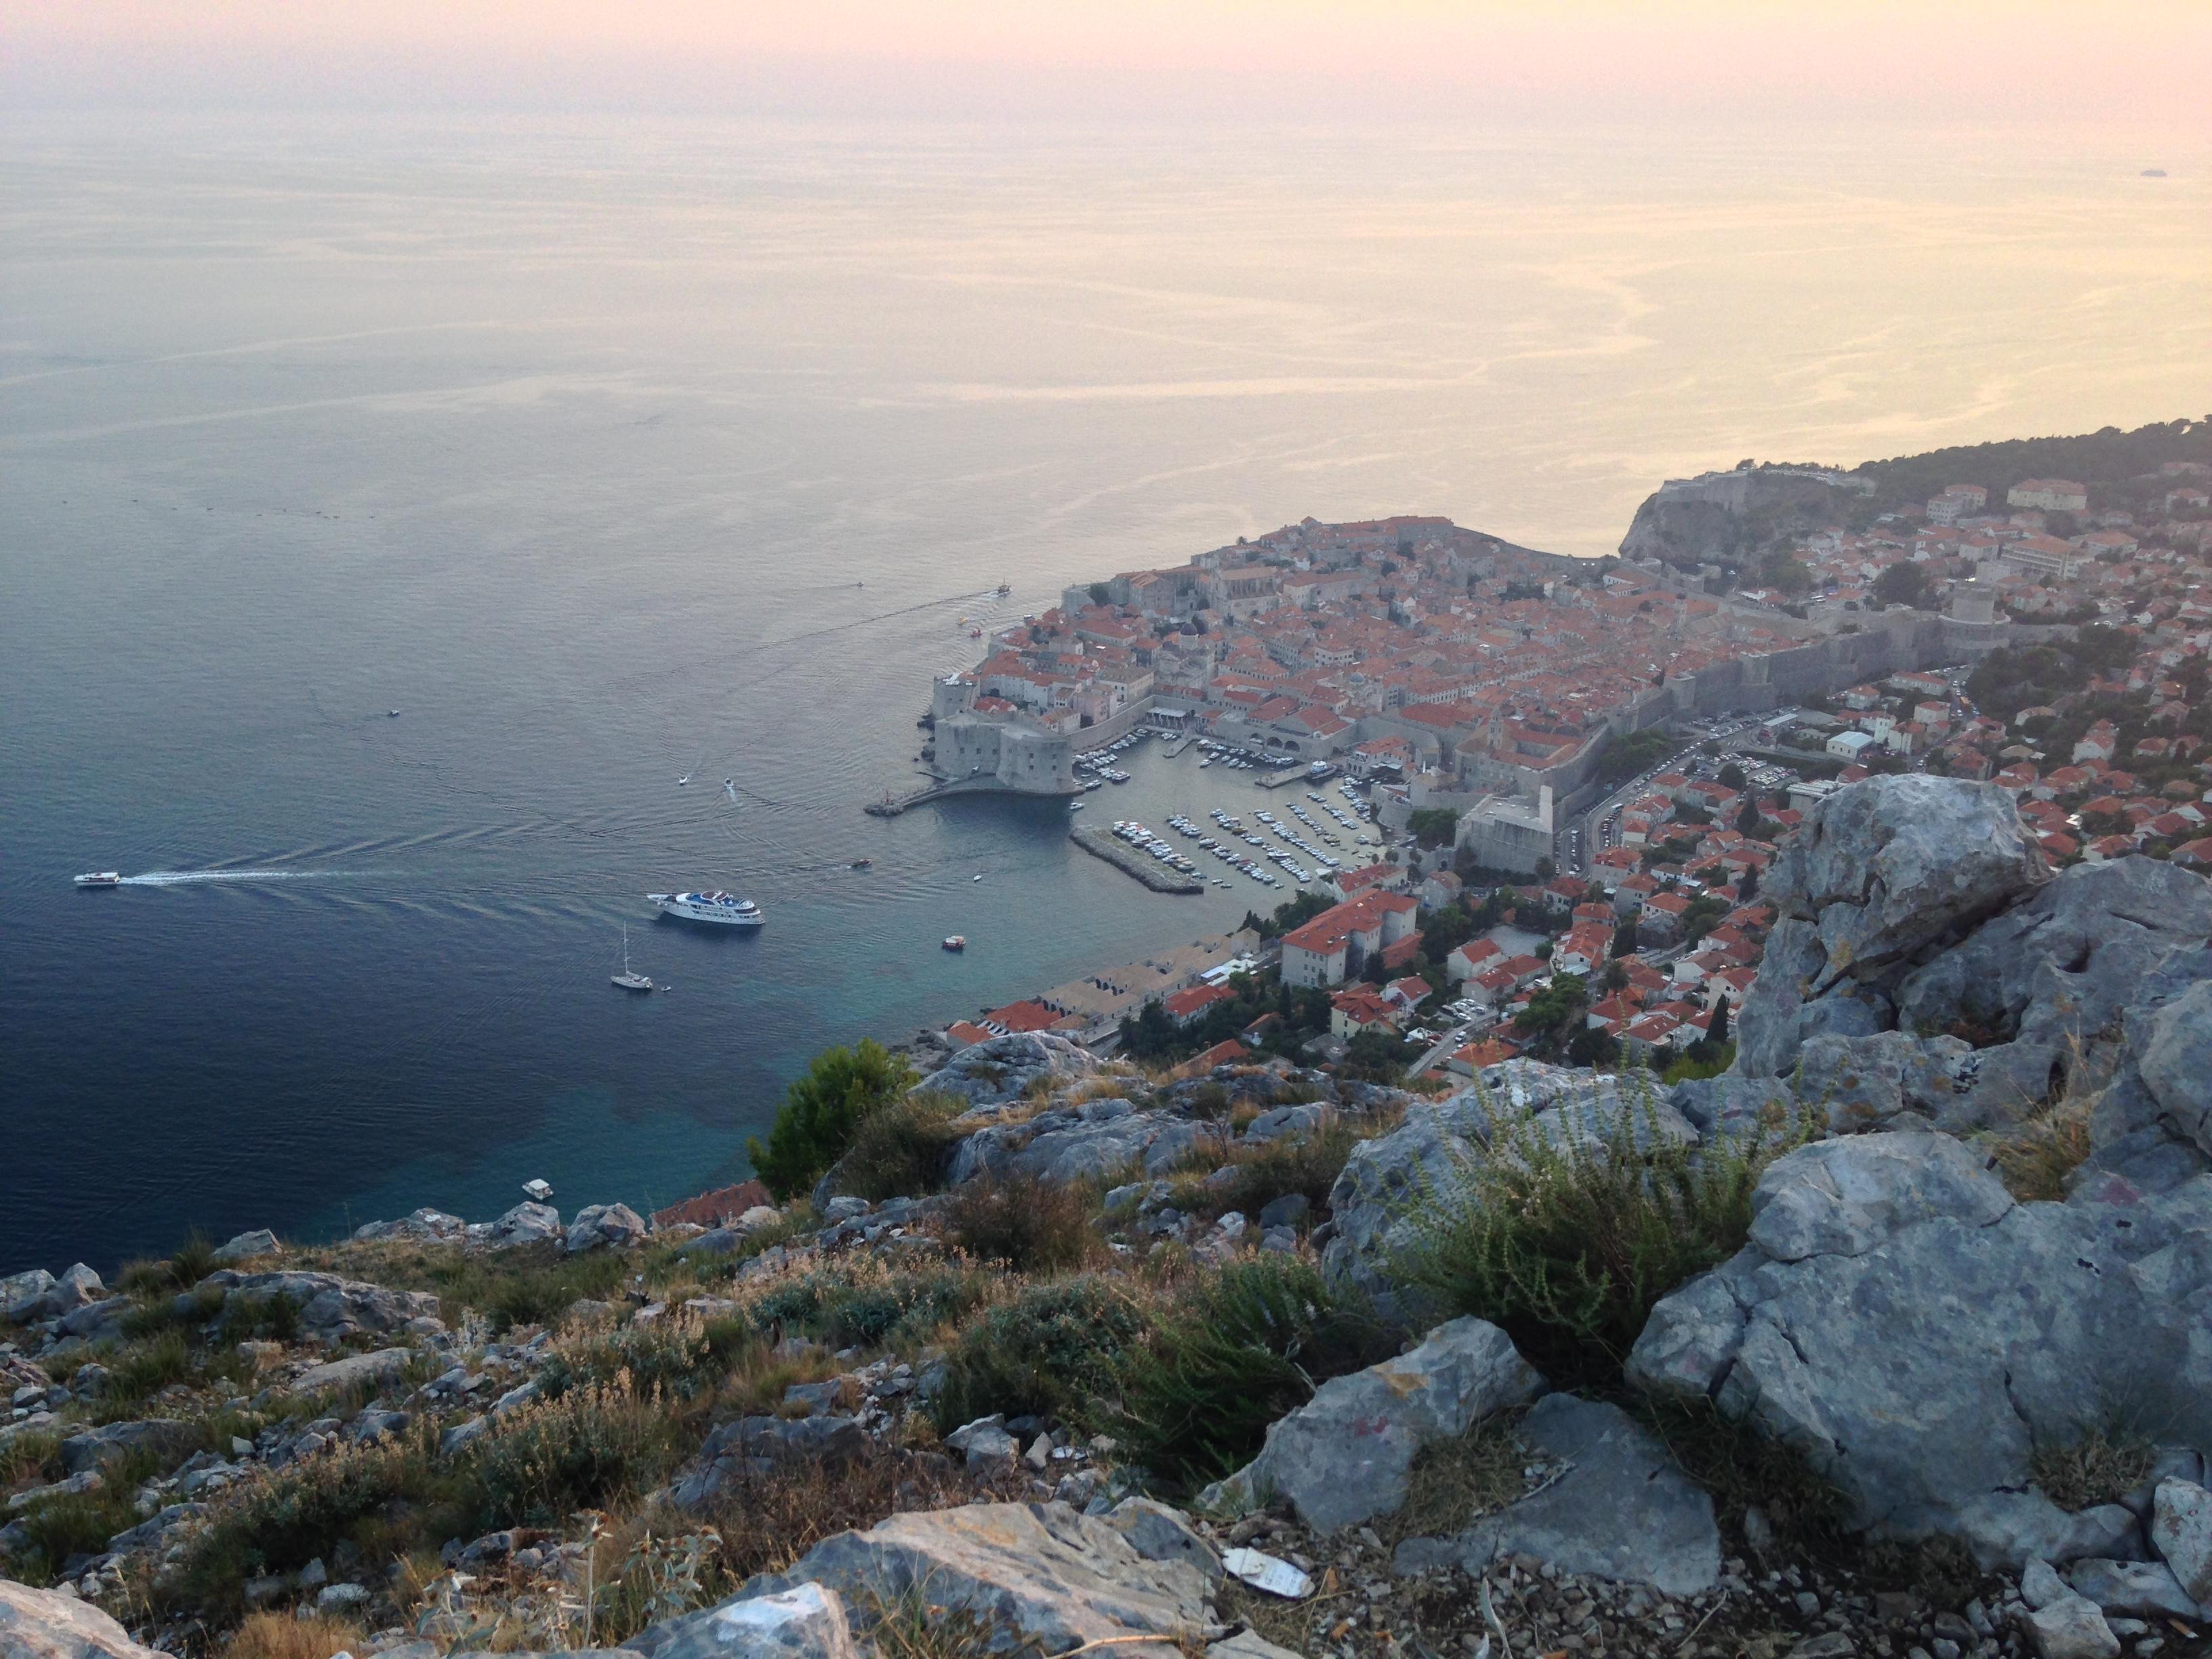 noleggiare auto senza carta di credito croazia